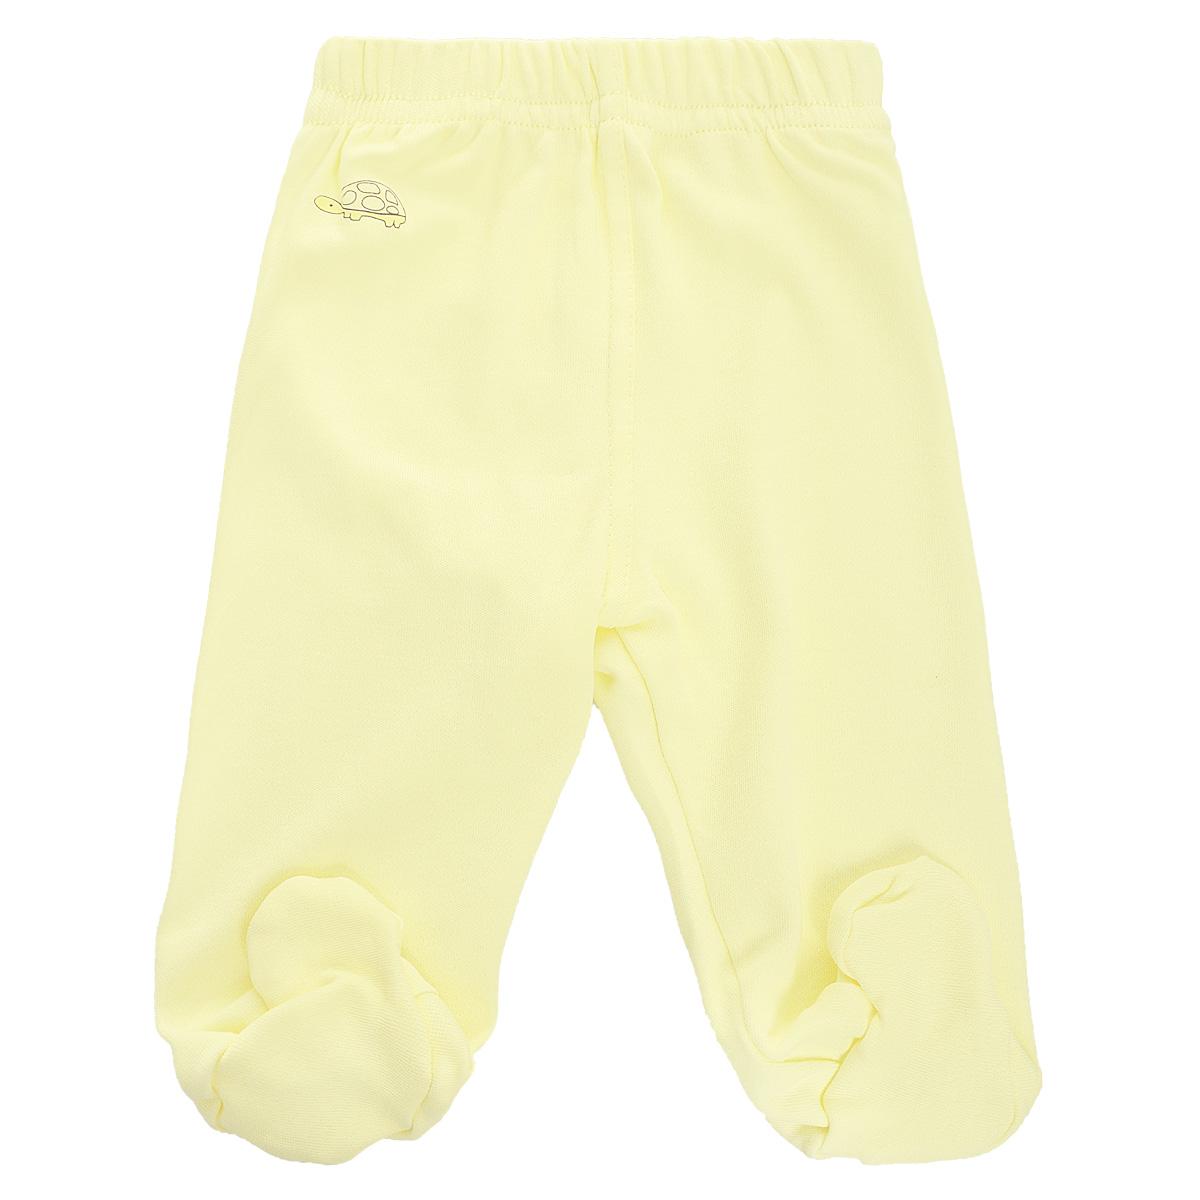 Ползунки Клякса, цвет: светло-желтый. 37-561. Размер 62, до 3 месяцев37-561Ползунки для новорожденного Клякса послужат идеальным дополнением к гардеробу вашего младенца, обеспечивая ему наибольший комфорт.Модель, изготовленная из интерлока - натурального хлопка, необычайно мягкая и легкая, не раздражает нежную кожу ребенка и хорошо вентилируется, а эластичные швы приятны телу новорожденного и не препятствуют его движениям. Ползунки с закрытыми ножками благодаря мягкому эластичному поясу не сдавливают животик младенца и не сползают, идеально подходят для ношения с подгузником. Спереди изделие оформлено оригинальным принтом в виде небольшого изображения животного. Они полностью соответствуют особенностям жизни ребенка в ранний период, не стесняя и не ограничивая его в движениях. УВАЖАЕМЫЕ КЛИЕНТЫ! Обращаем ваше внимание на возможные незначительные изменения в дизайне: рисунок животного может отличатся от рисунка, изображенного на фотографии.